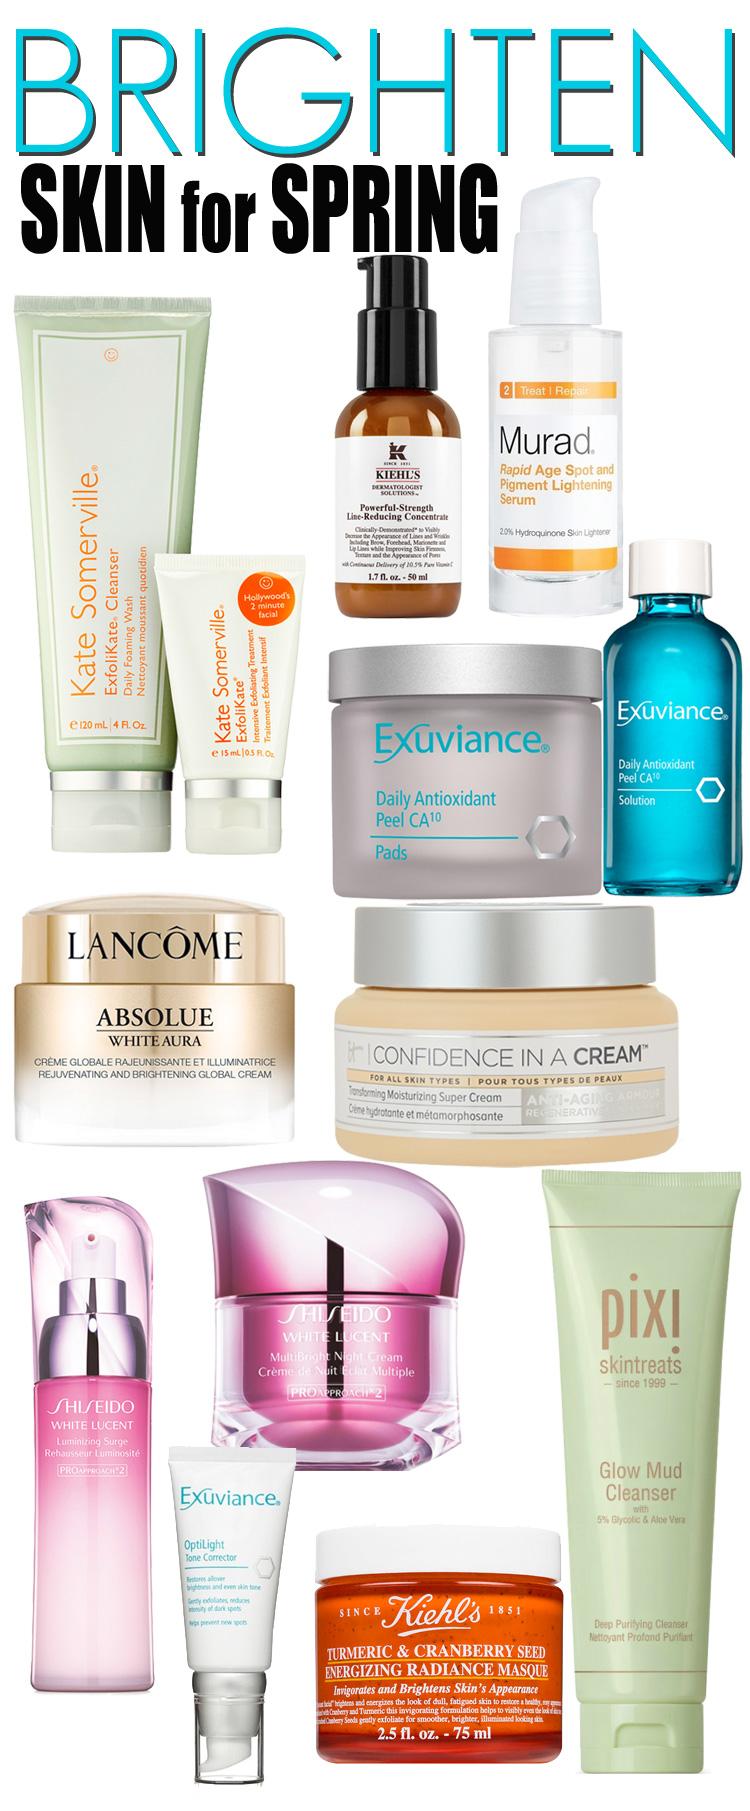 10 Ways to Brighten Skin for Spring